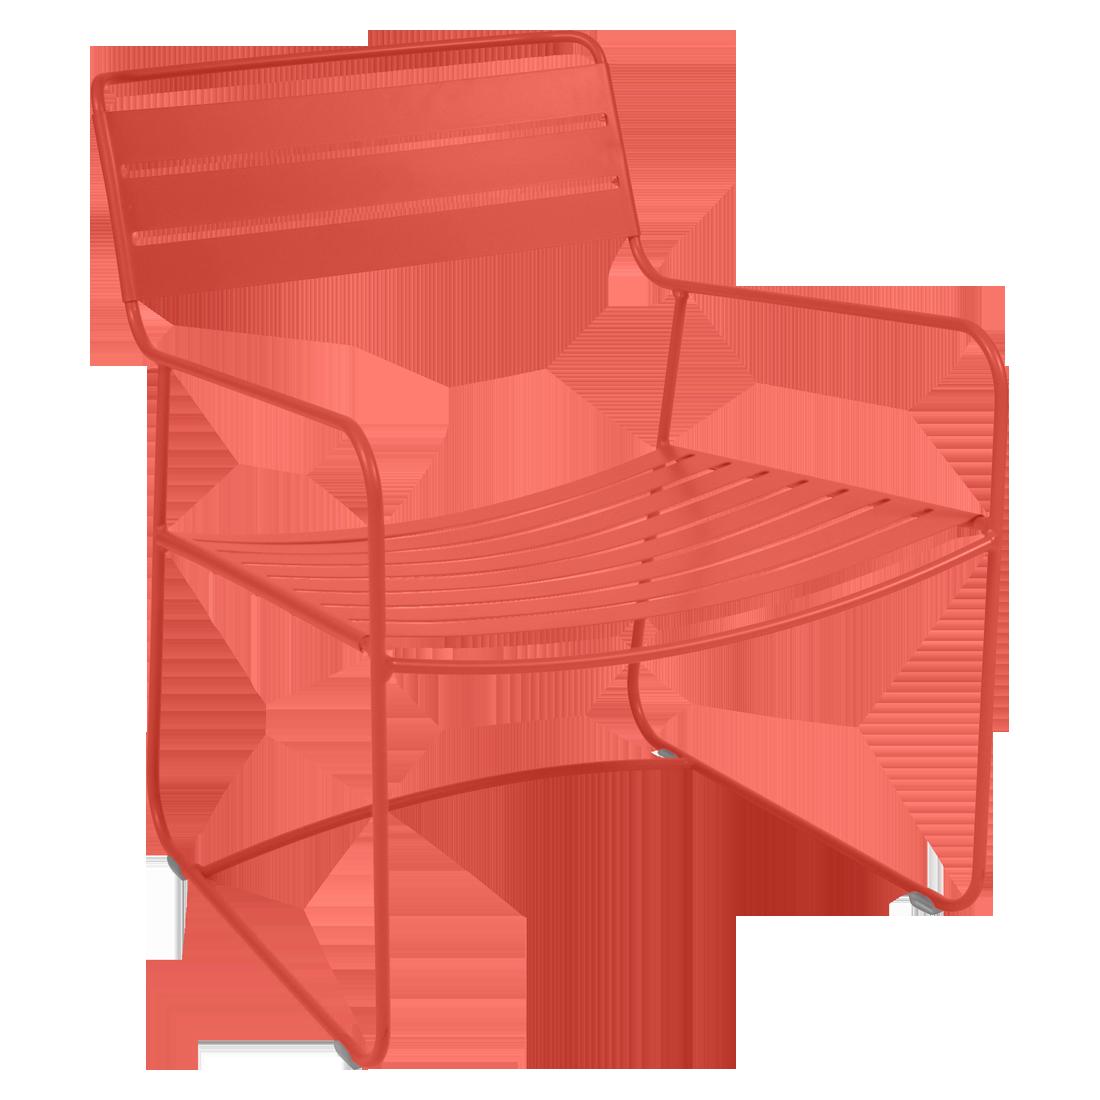 fauteuil bas surprising fauteuil de jardin pour salon de. Black Bedroom Furniture Sets. Home Design Ideas